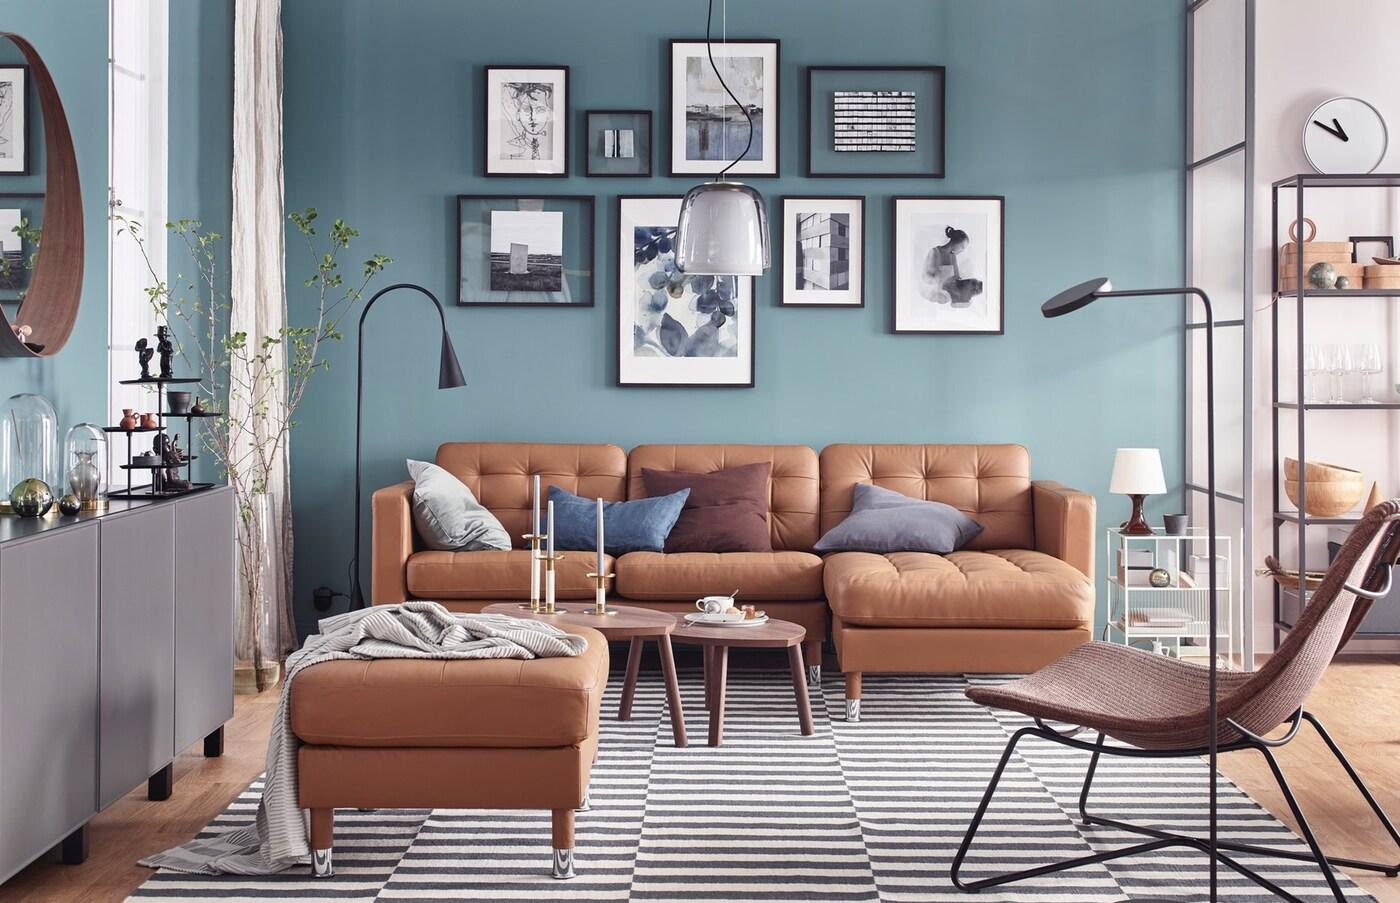 Colores para el salón: ideas e inspiración - IKEA